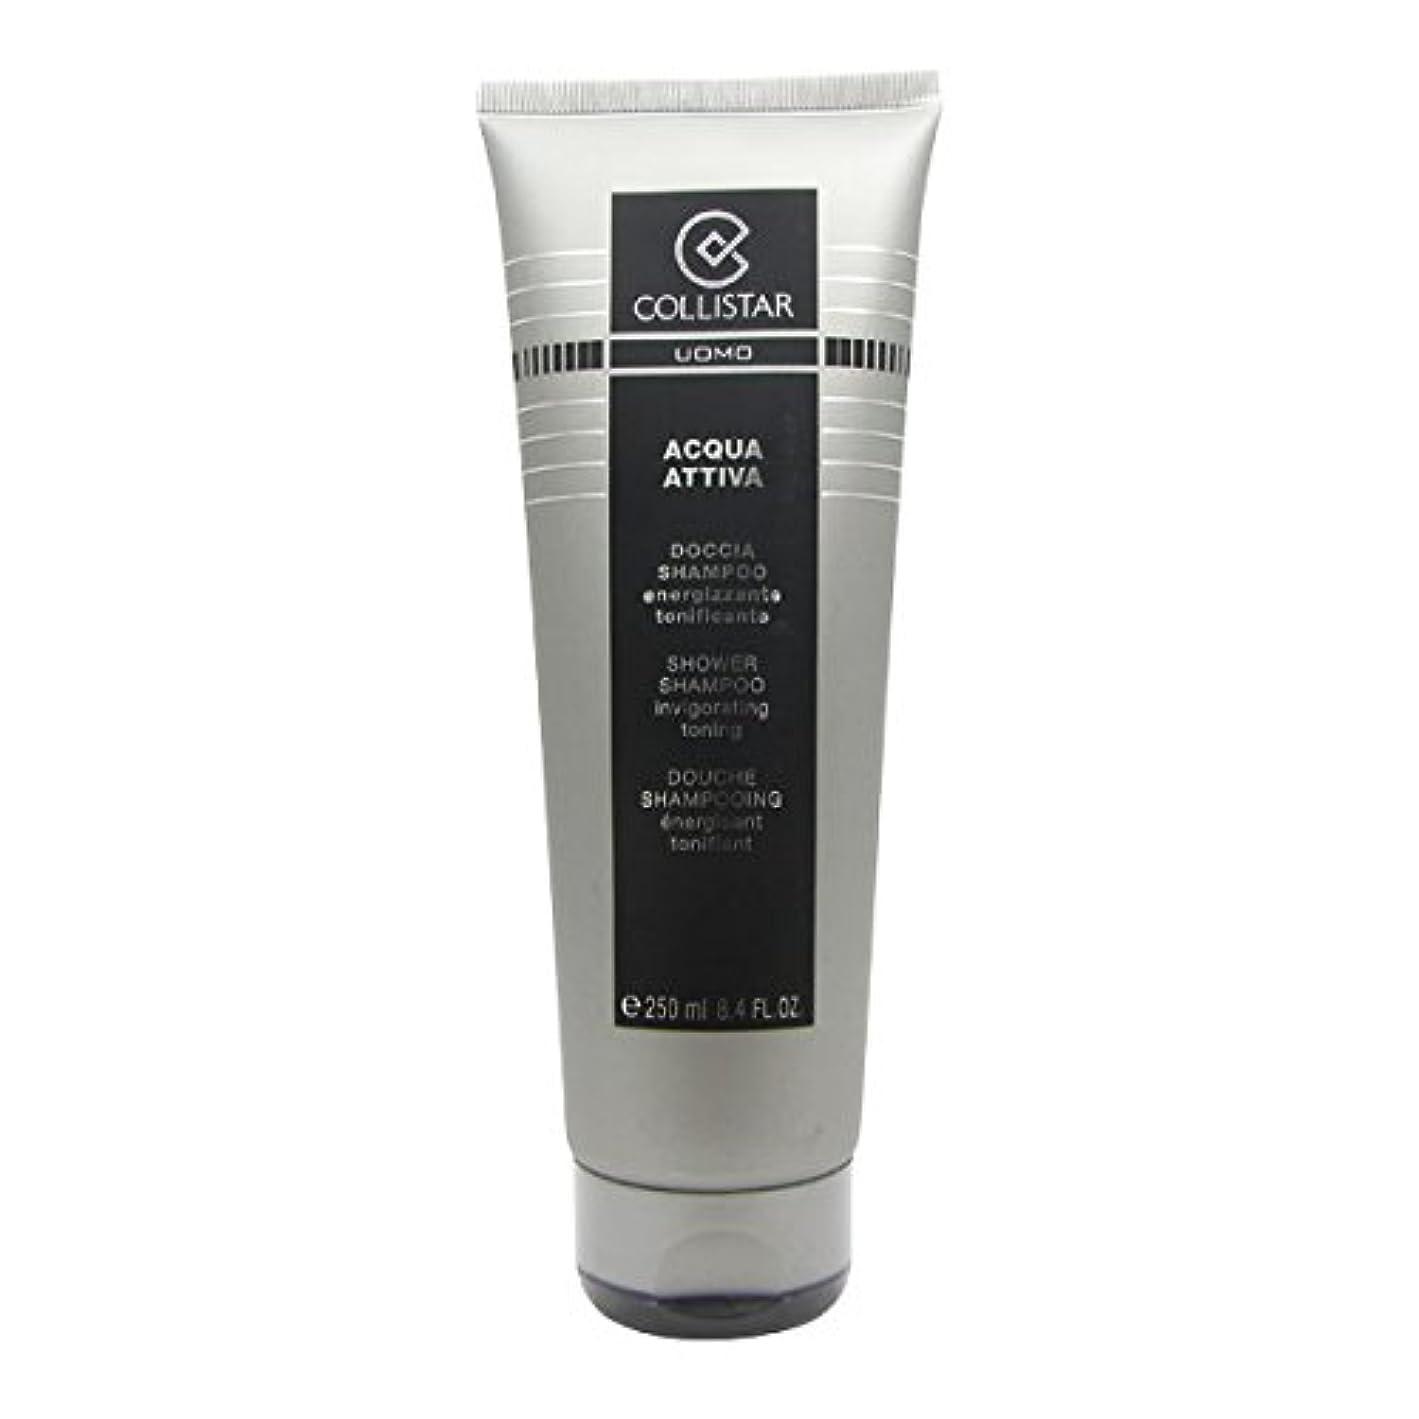 シャークグリース最後にCollistar Men Acqua Attiva Shower Shampoo 250ml [並行輸入品]